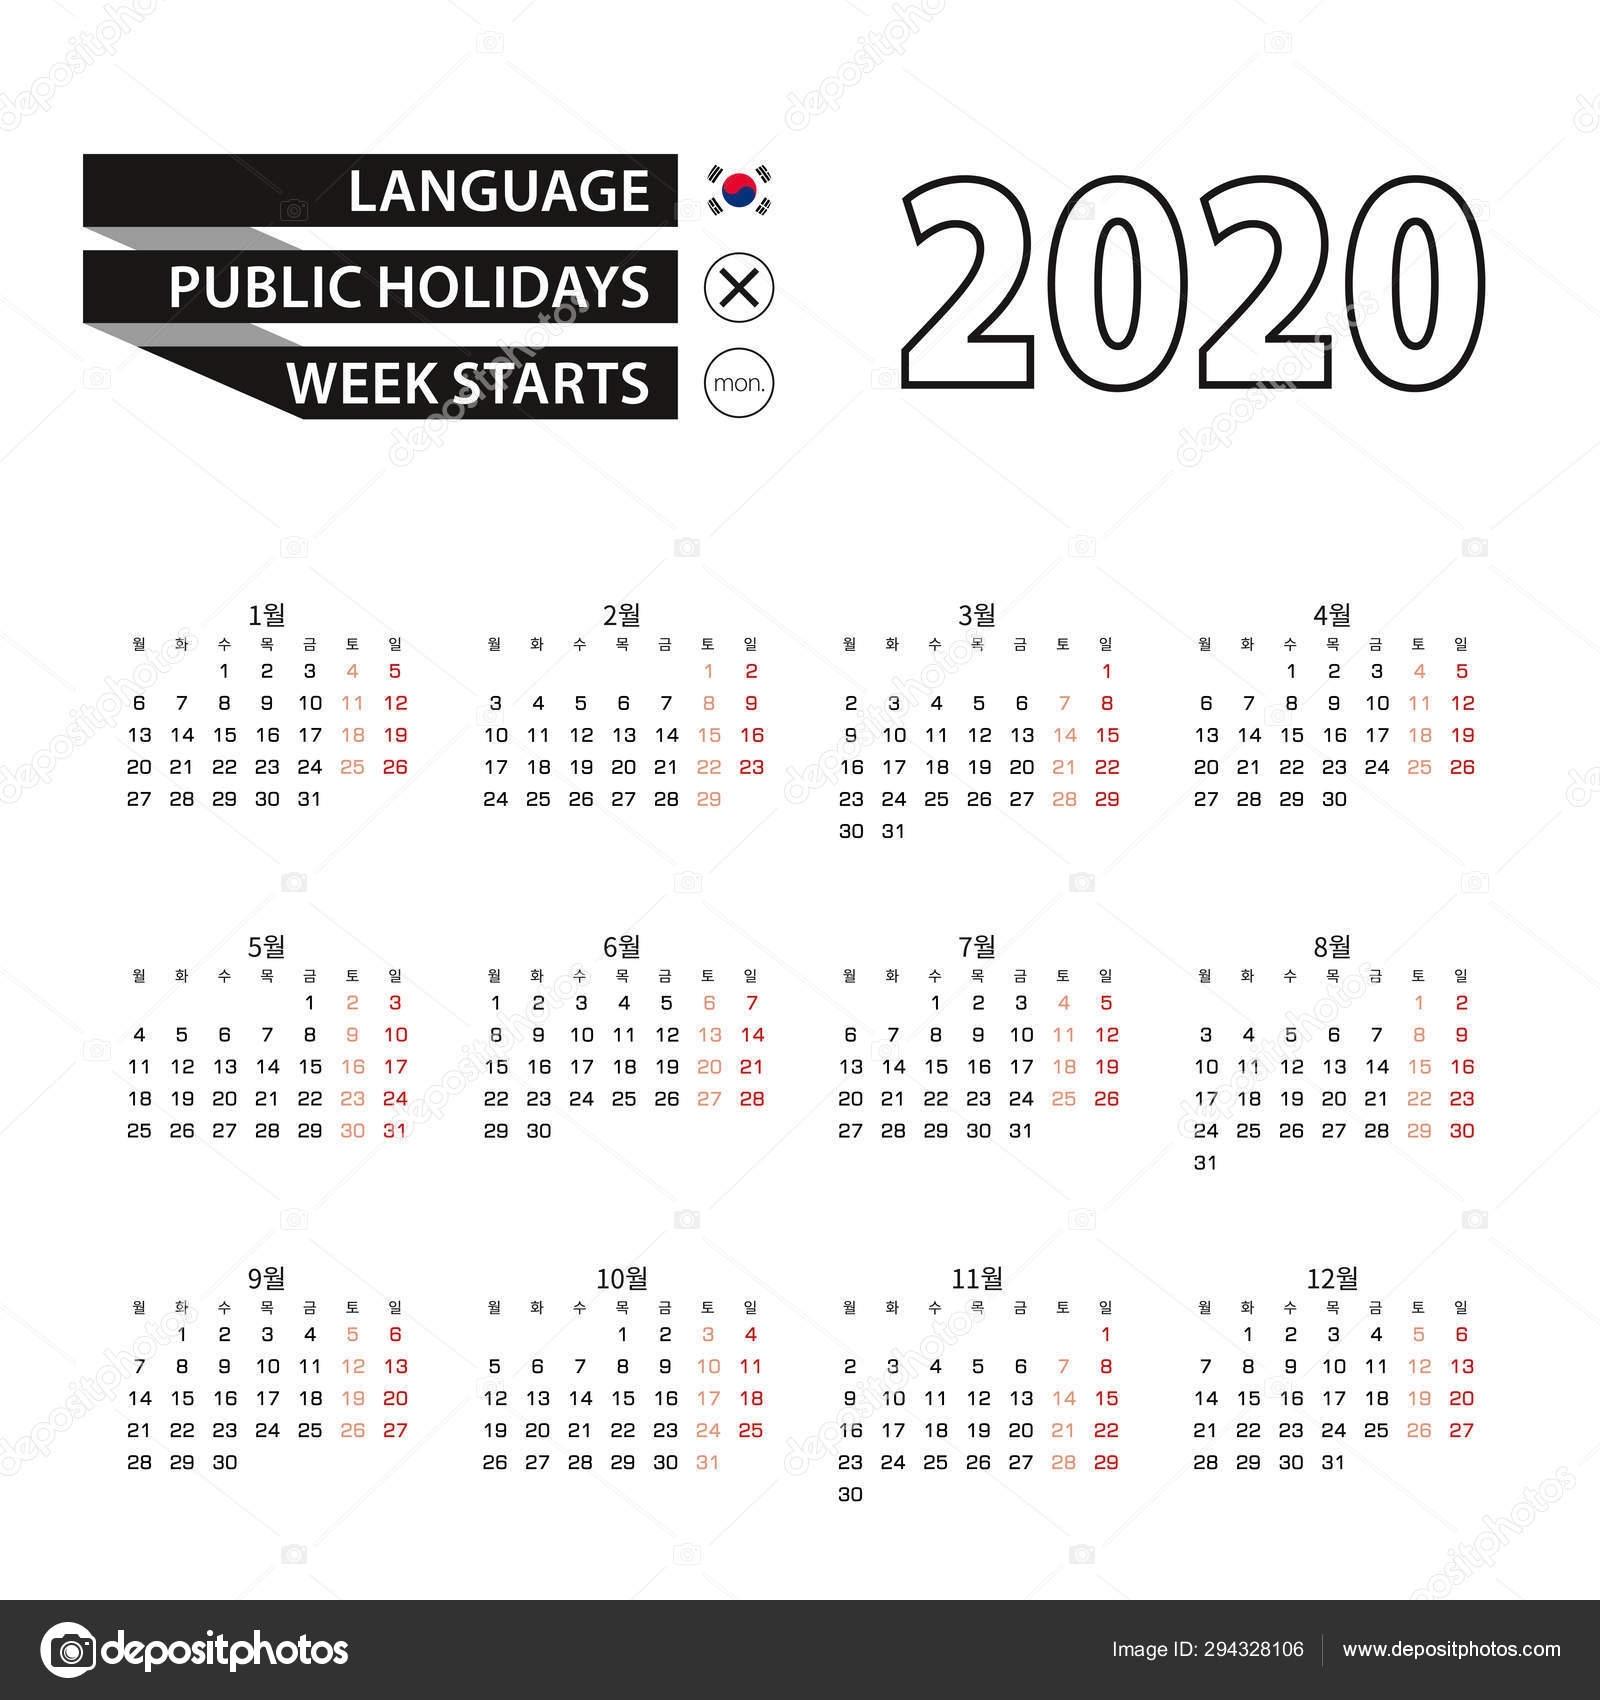 Calendar 2020 In Korean Language, Week Starts On Monday